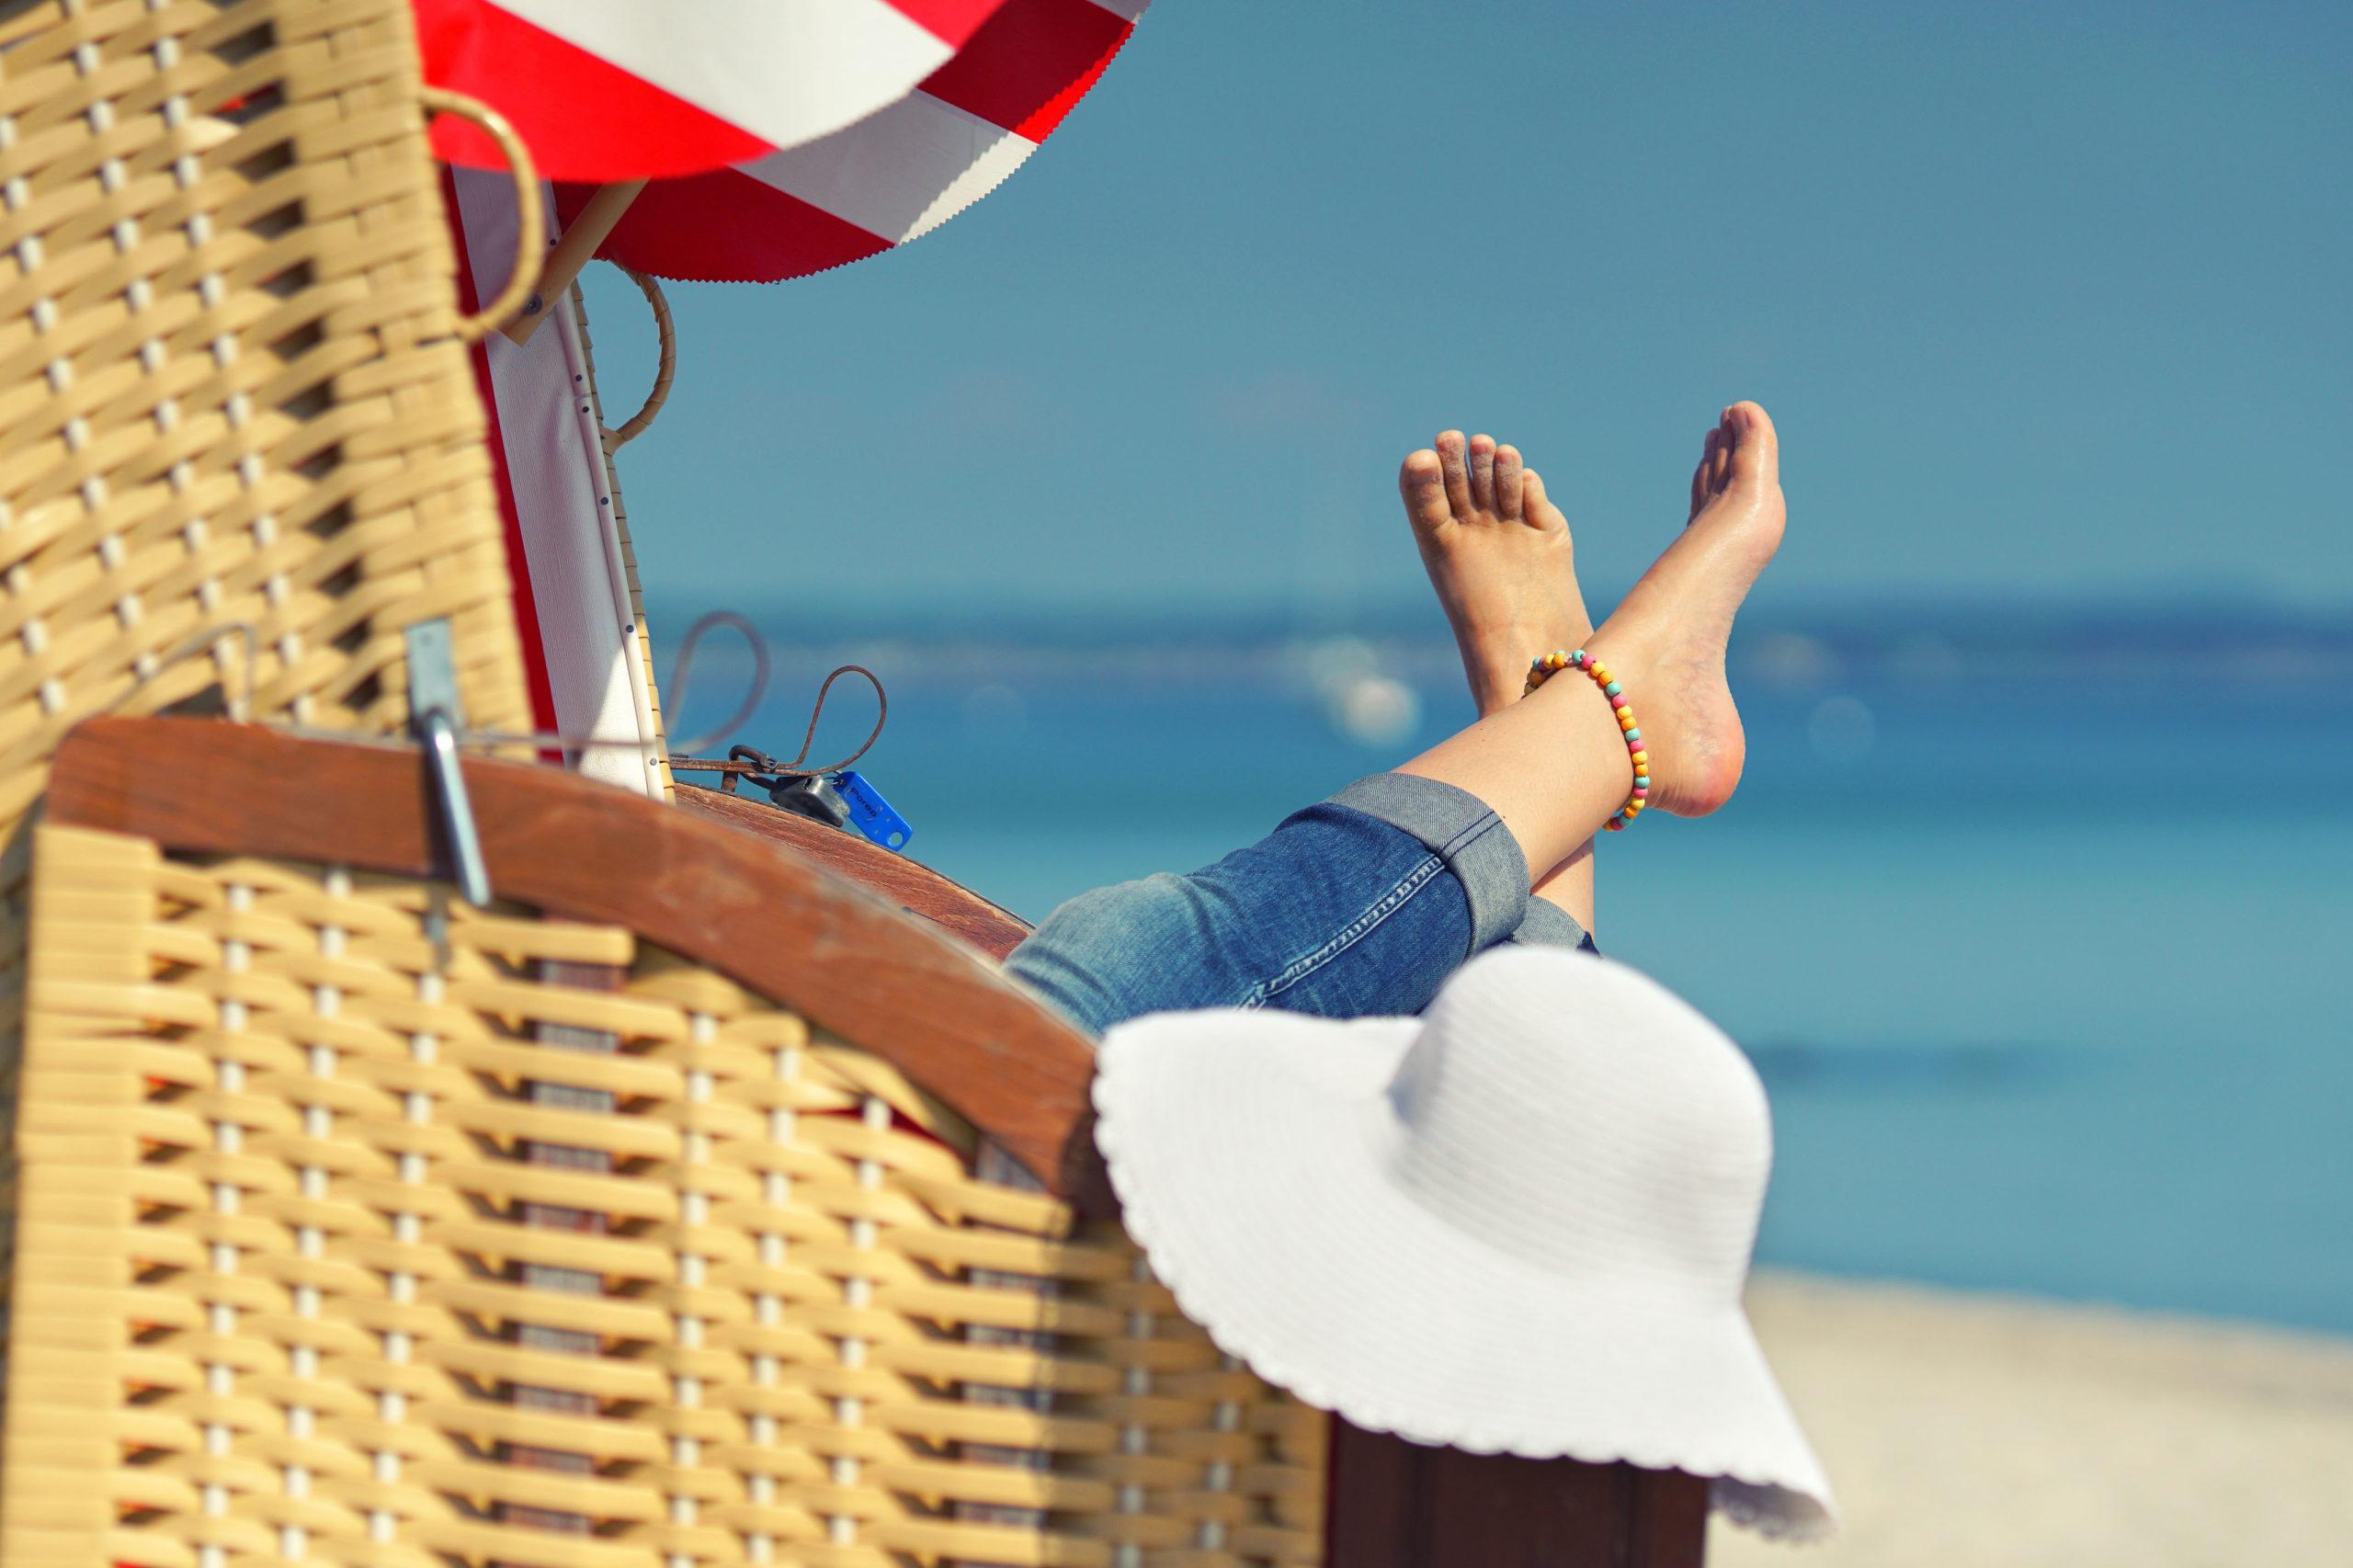 Sonnenschutz für Problemhaut